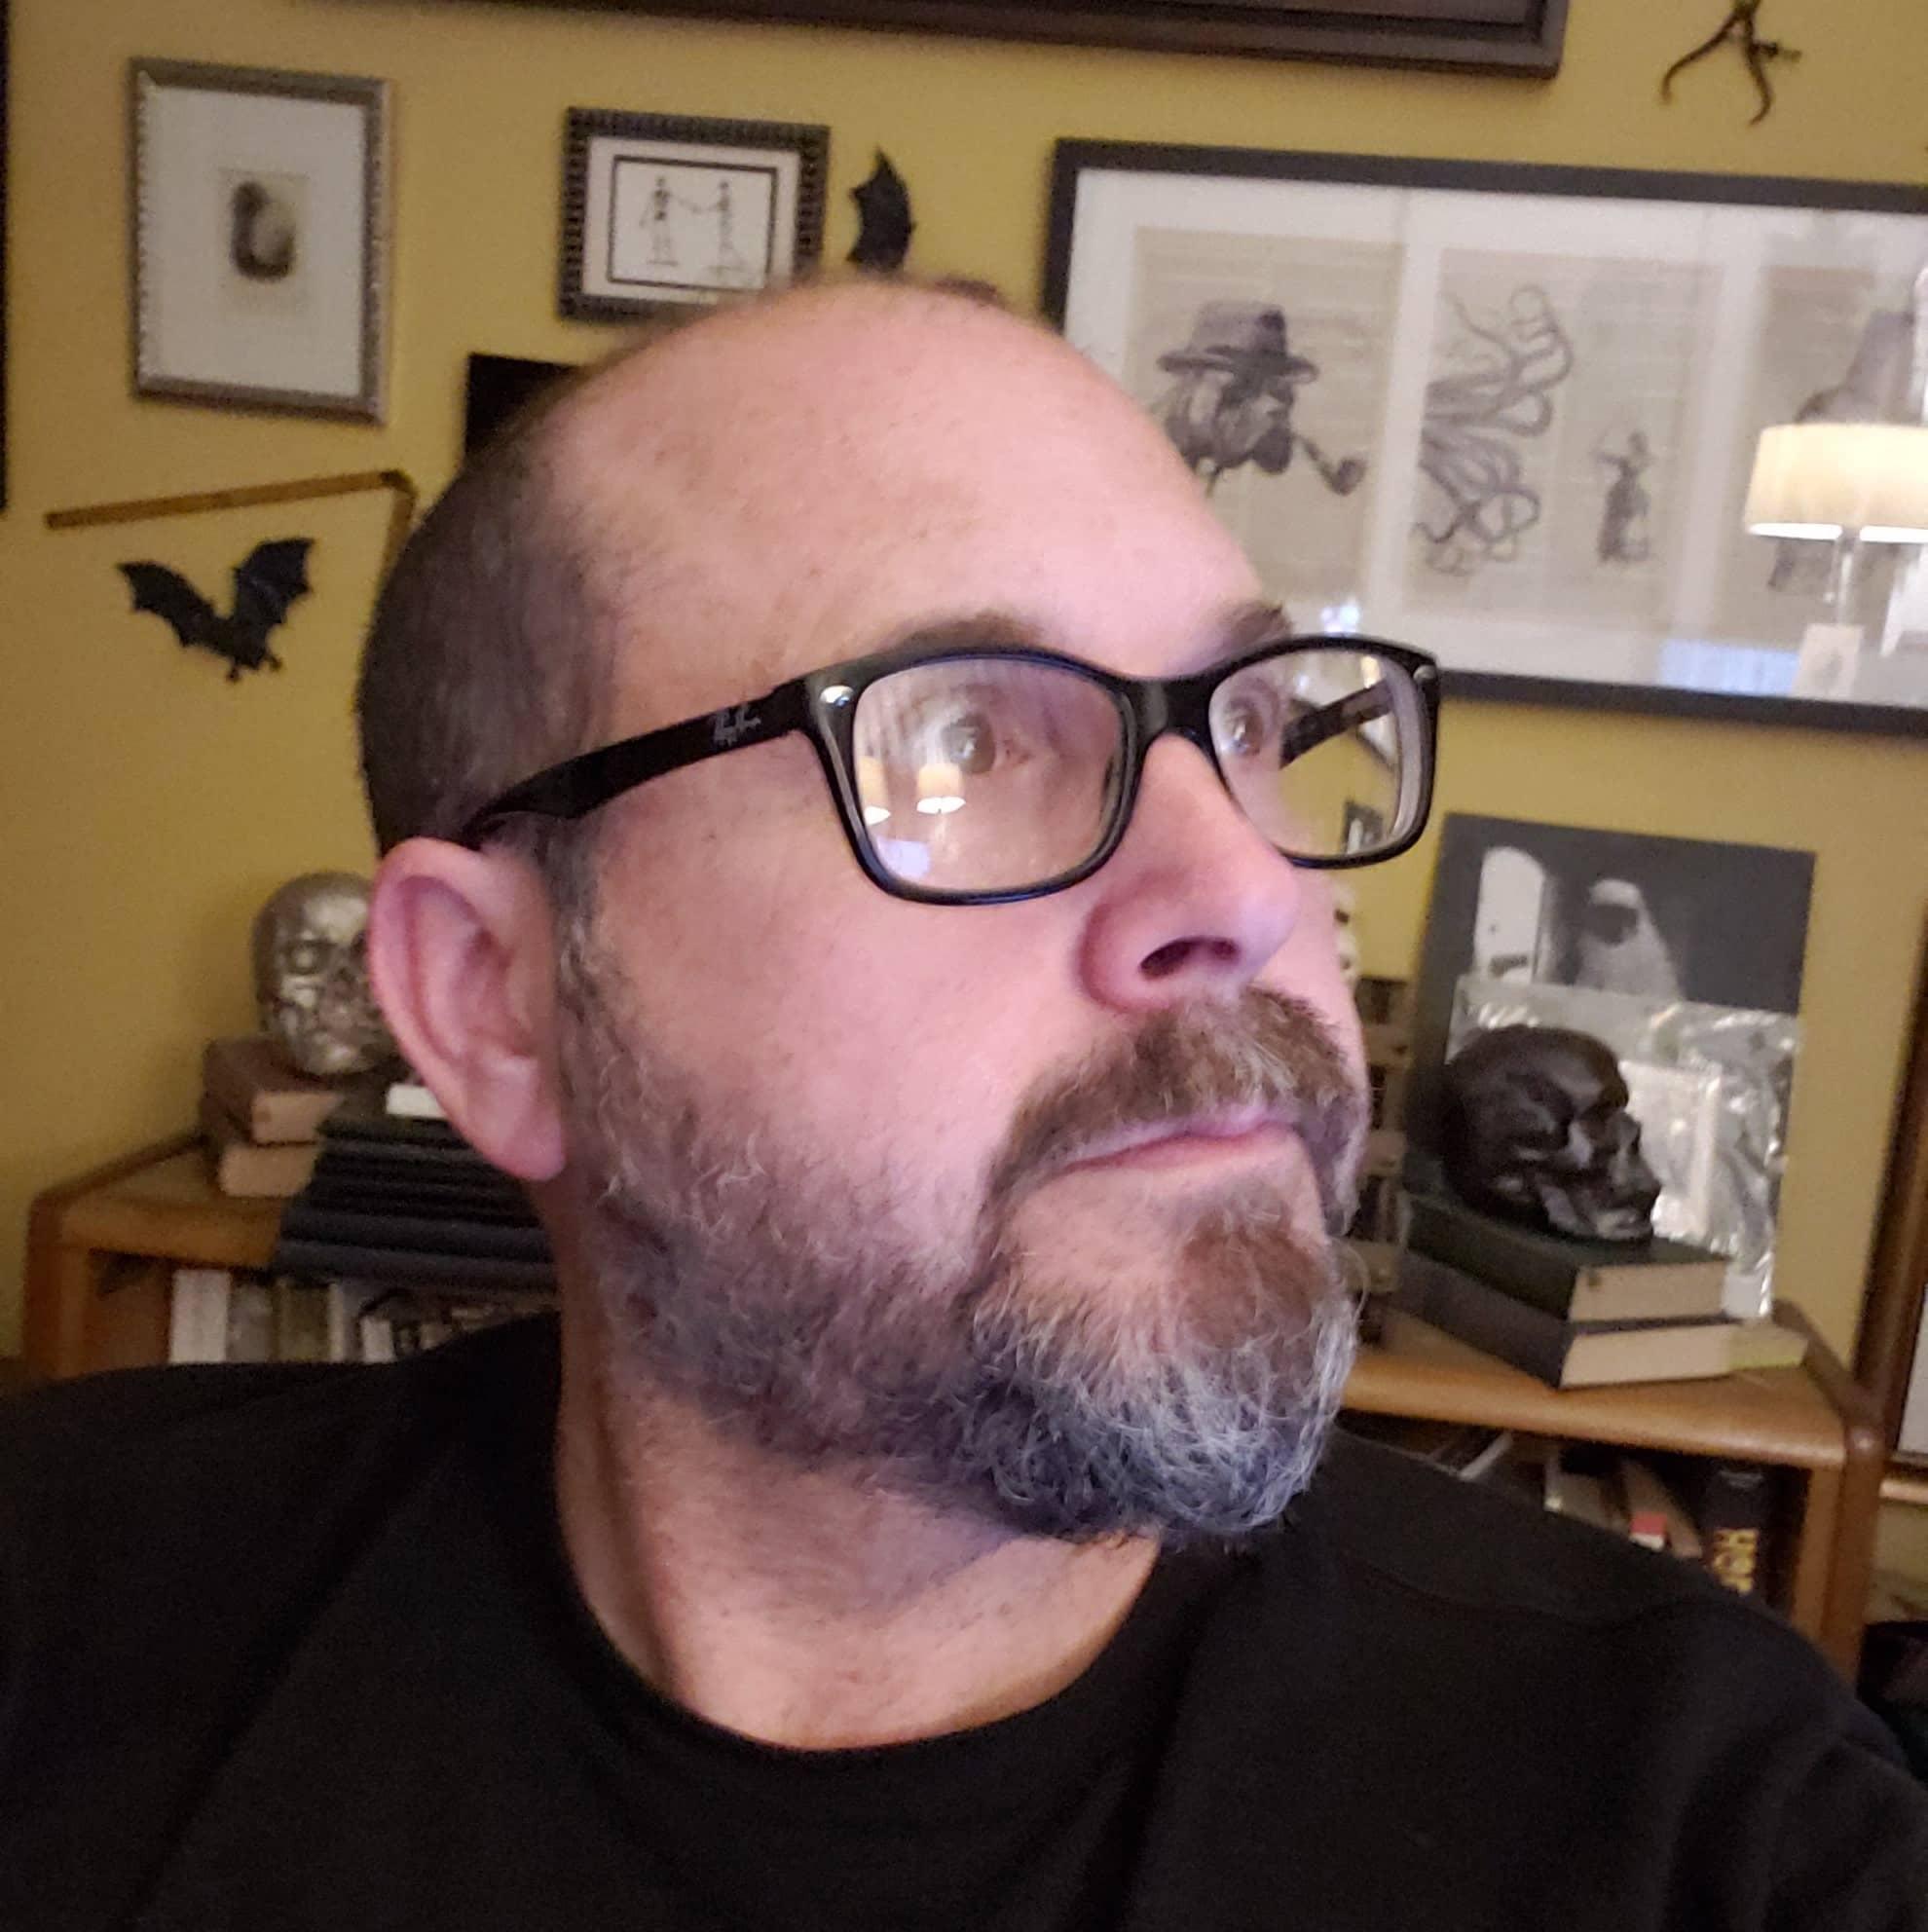 Dr. Franz Potter